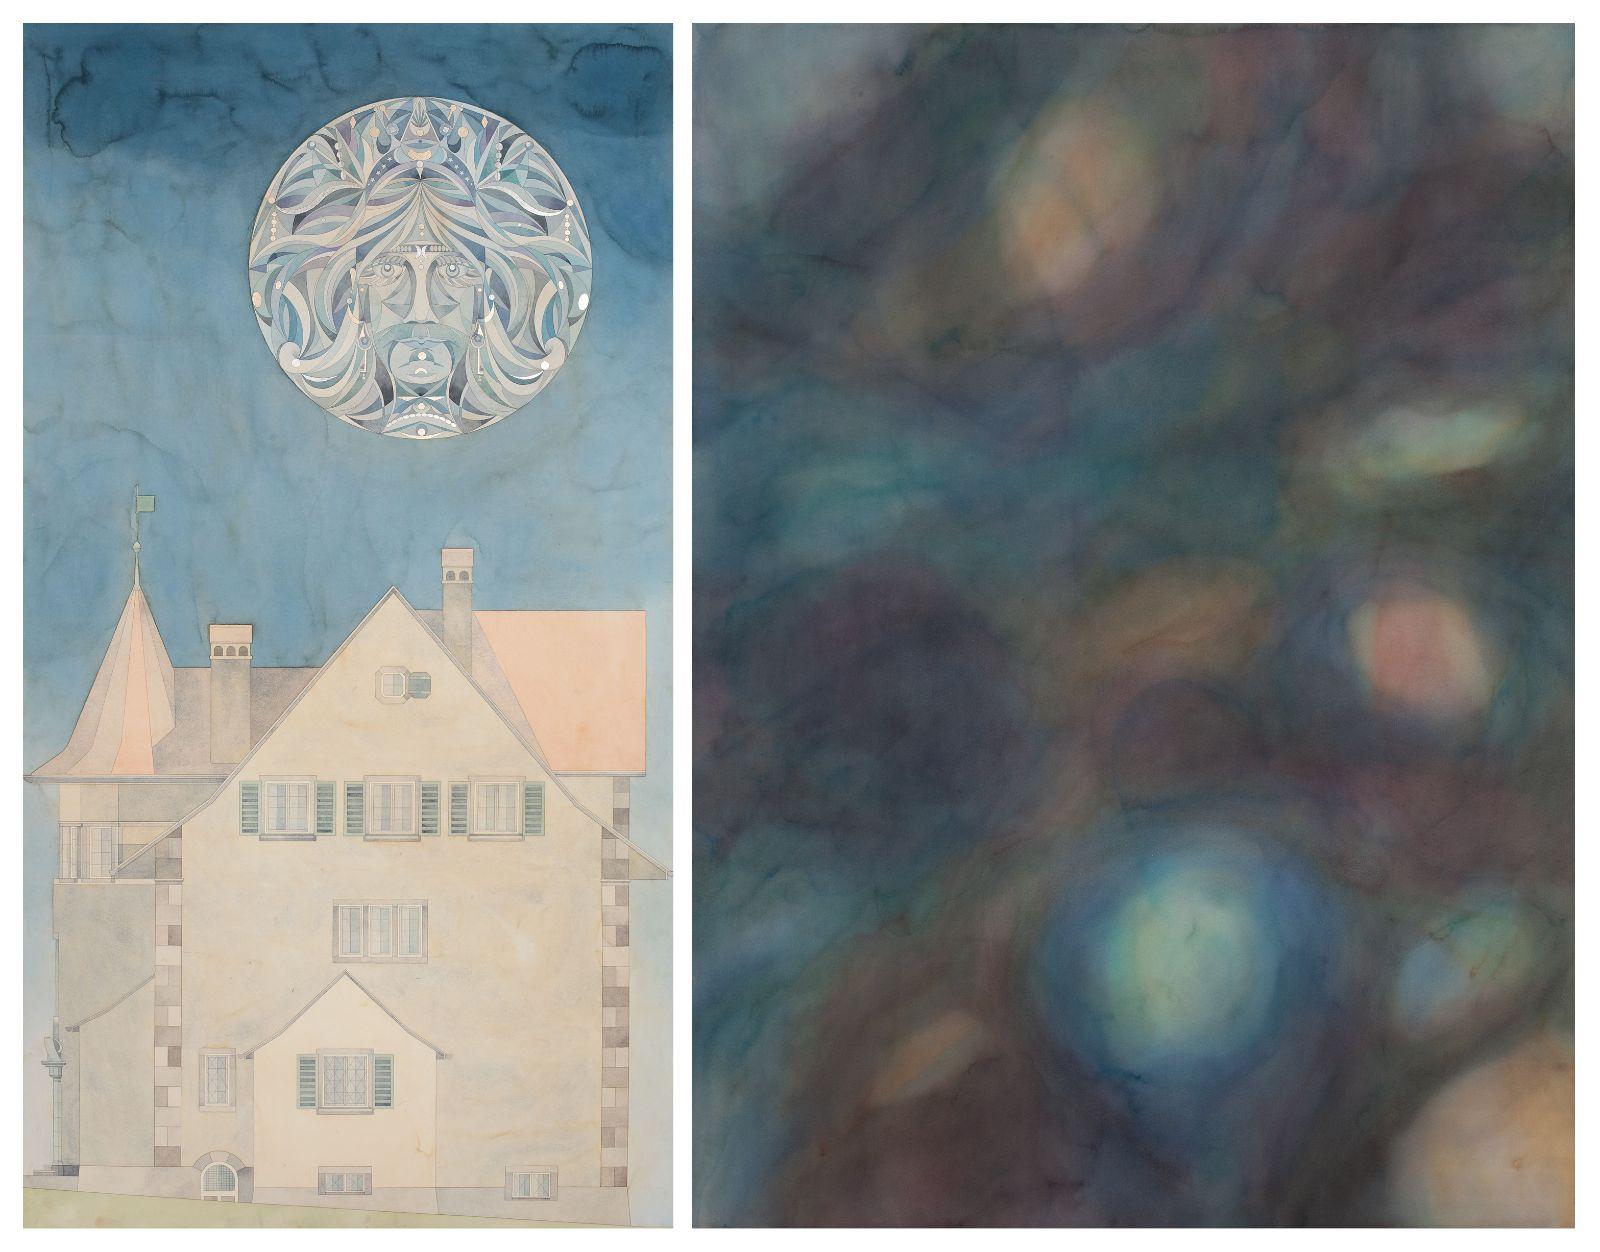 Das Haus des C.G Jungs mit Khonsu / Der Traum III, 2012, watercolour and gold-leaf, palladium leaf on paper, 198 x 107 / 198 x 146 cm